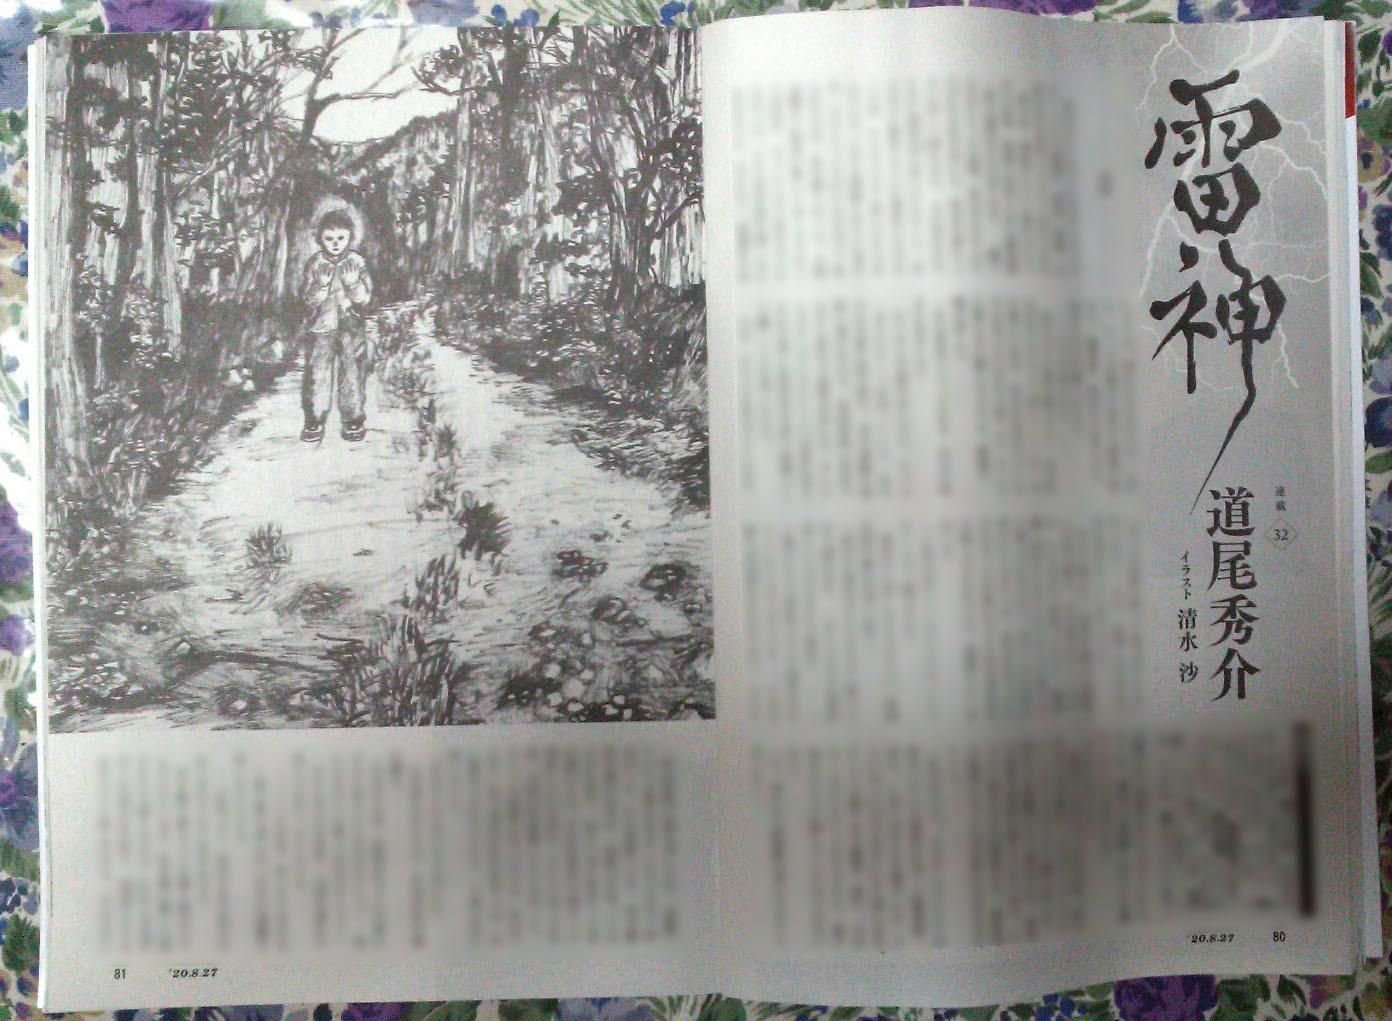 週刊新潮「雷神」挿絵 第32回〜34回_b0136144_16153339.jpg